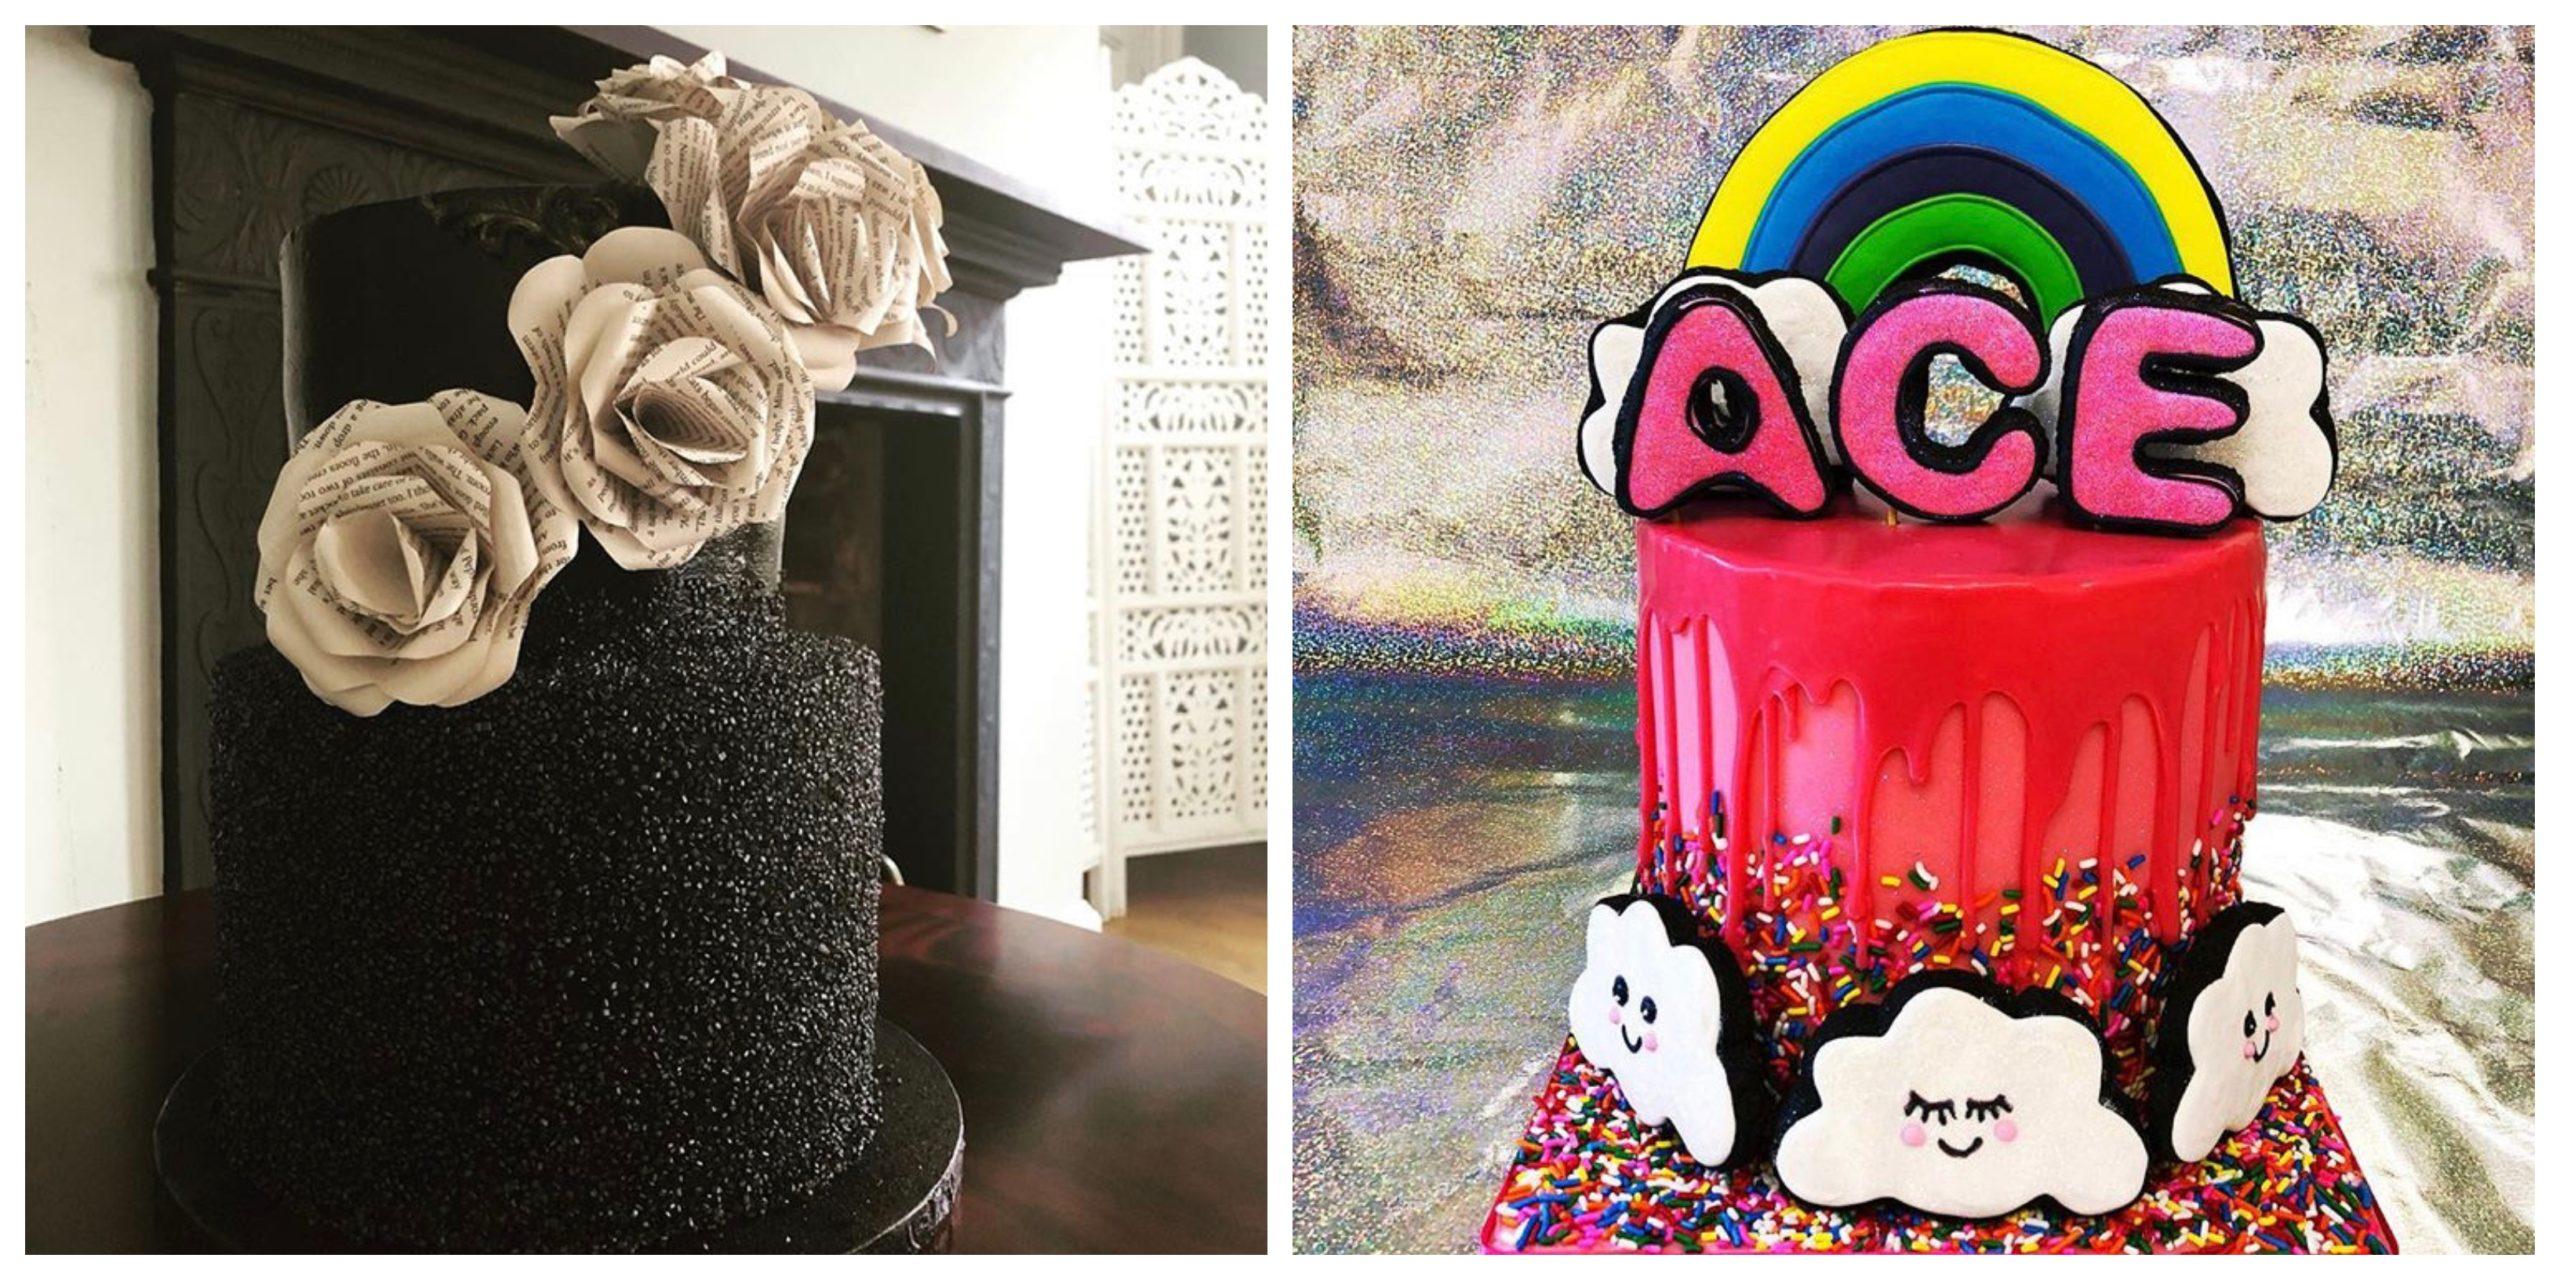 bitsy's emporium cakes leicester